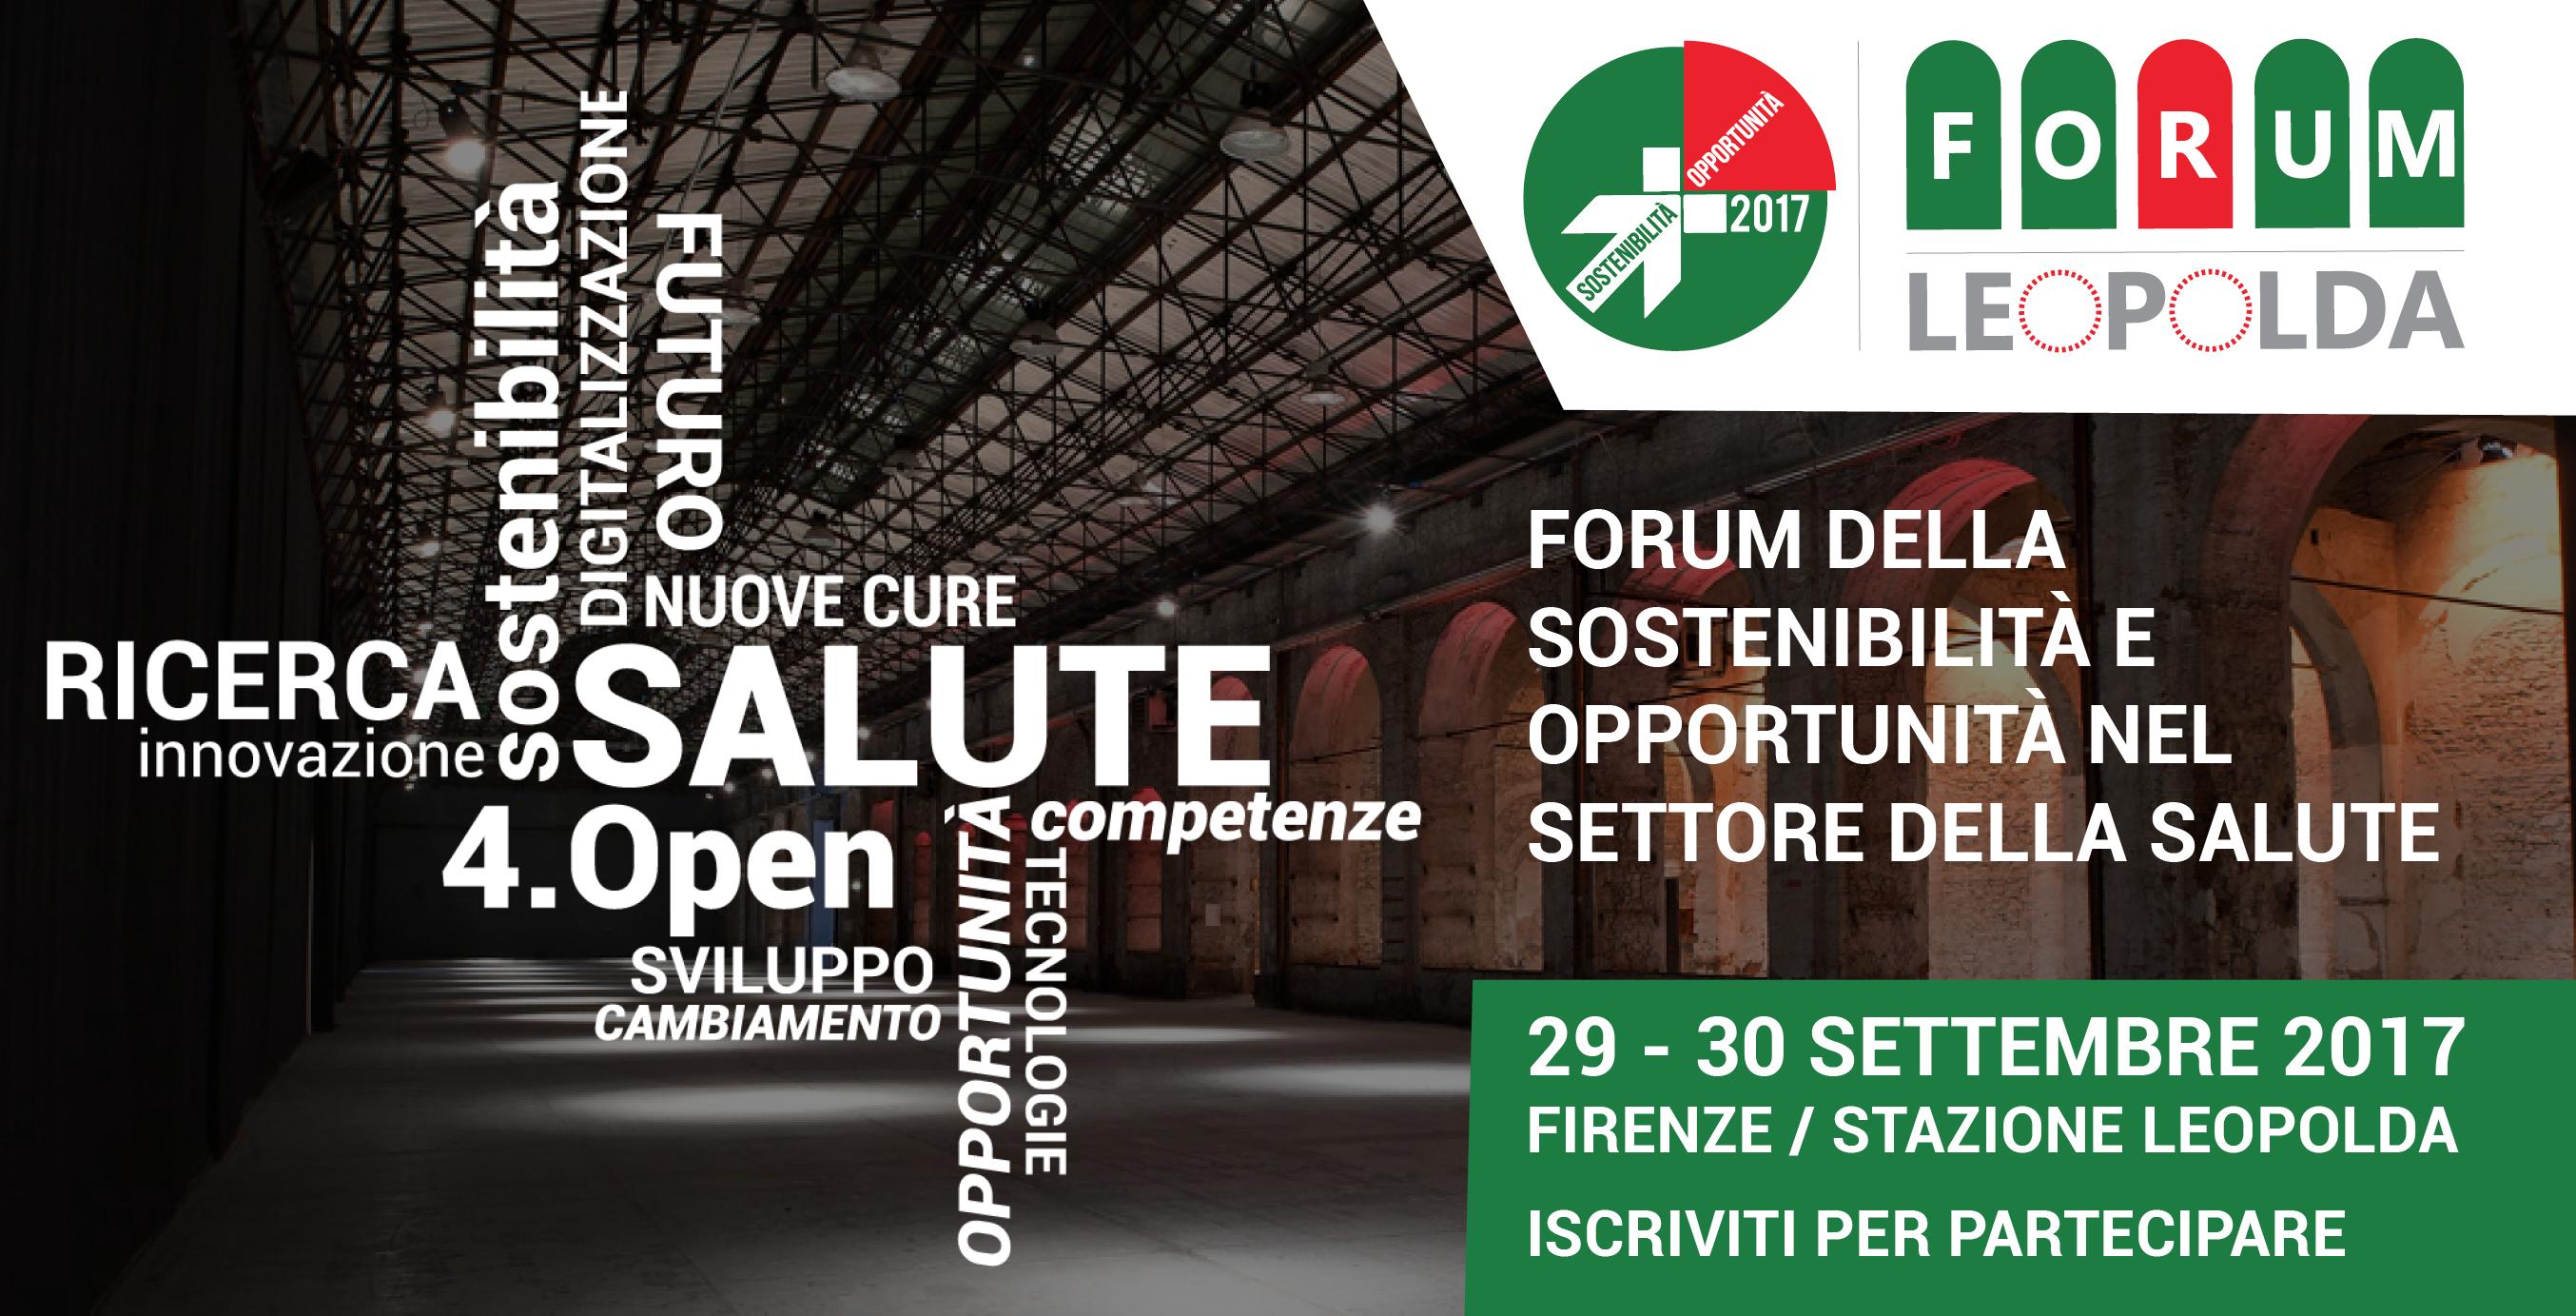 Leopolda 2017: forum della sostenibilità e opportunità nel settore della salute